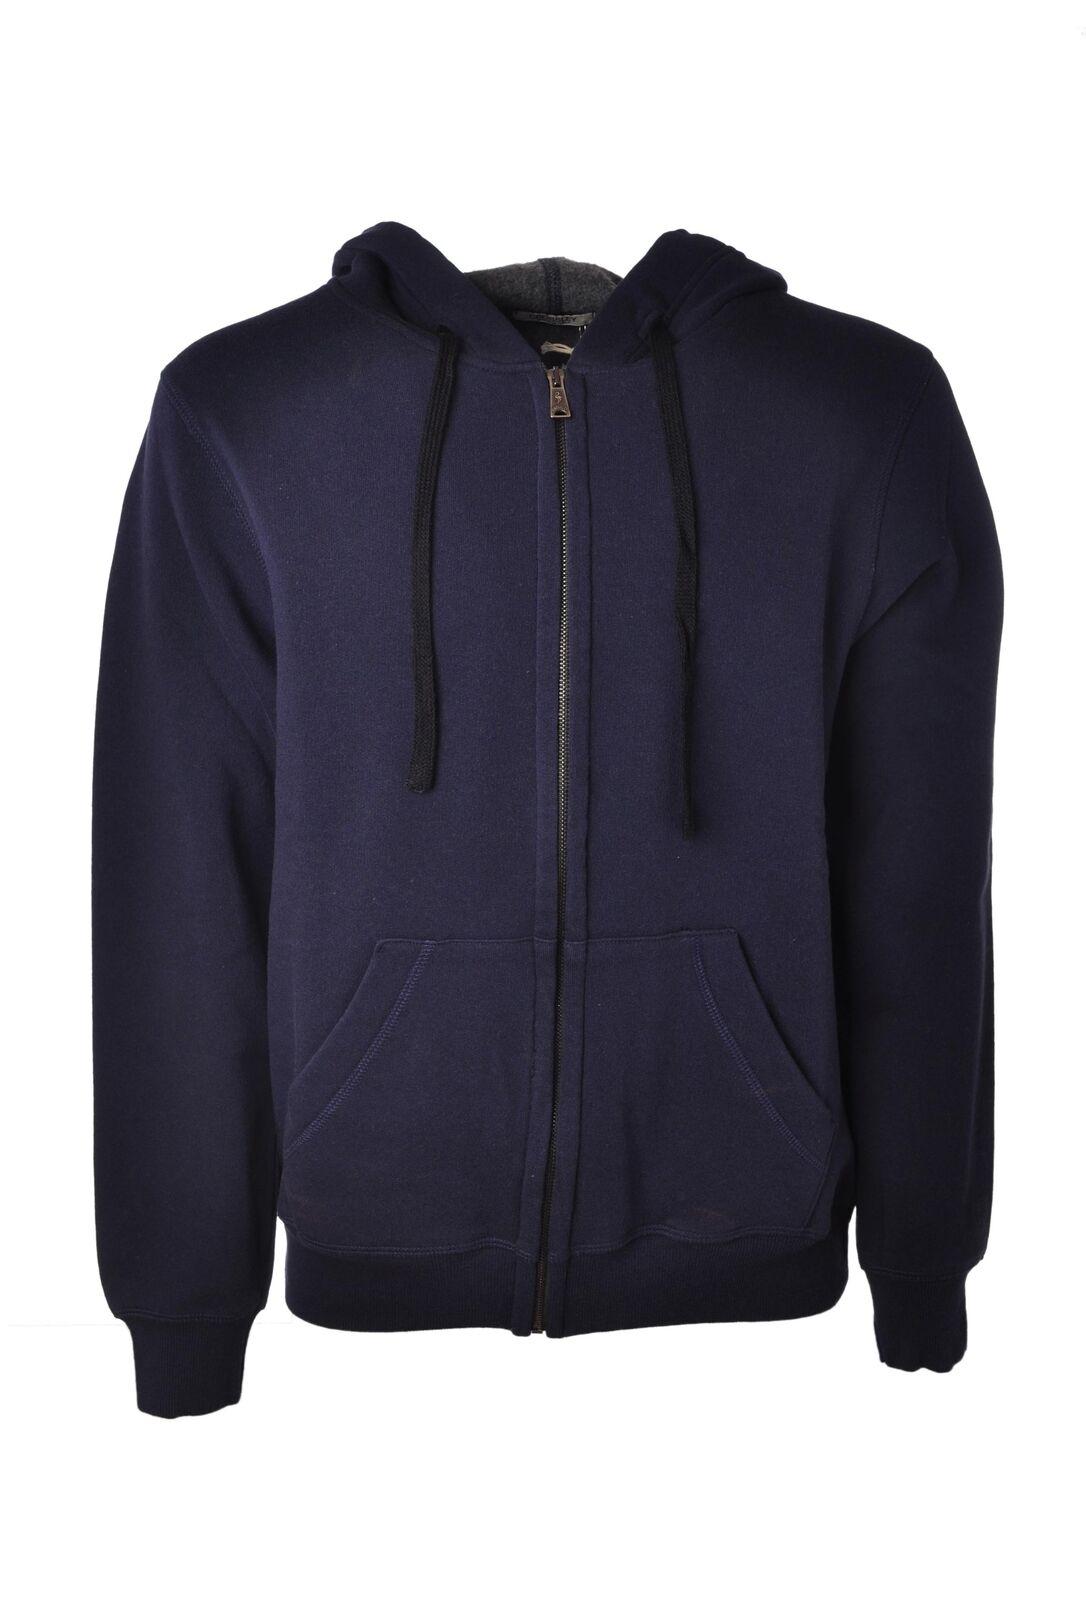 CROSSLEY - Knitwear-Sweaters - Man - bluee - 4087923C183612